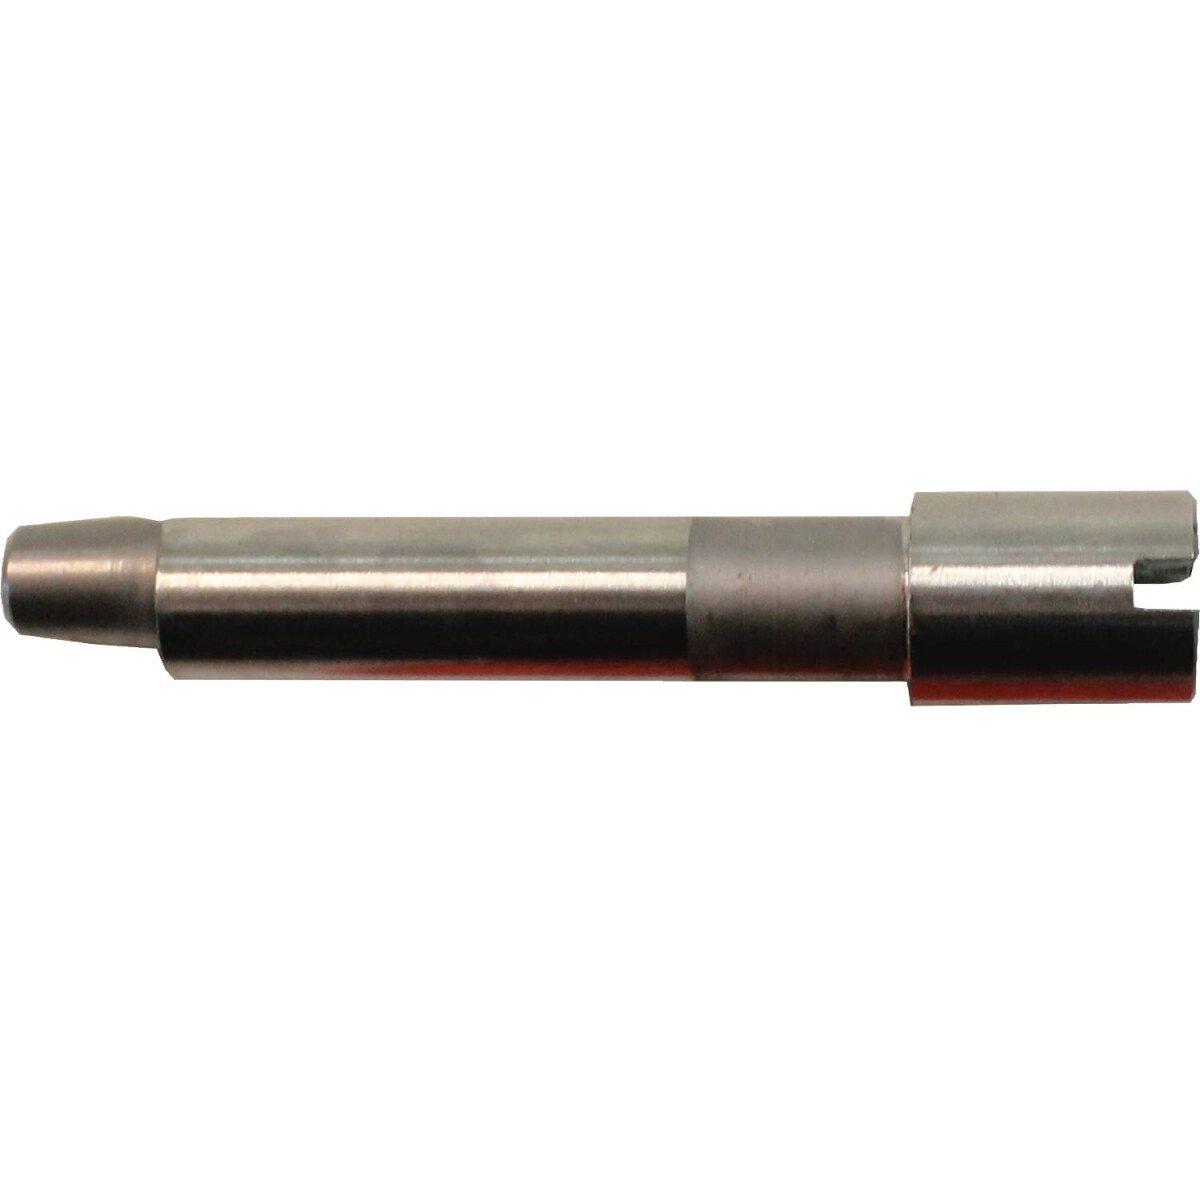 Makita 792728-1 Punch For machines: JN3200, 7927281